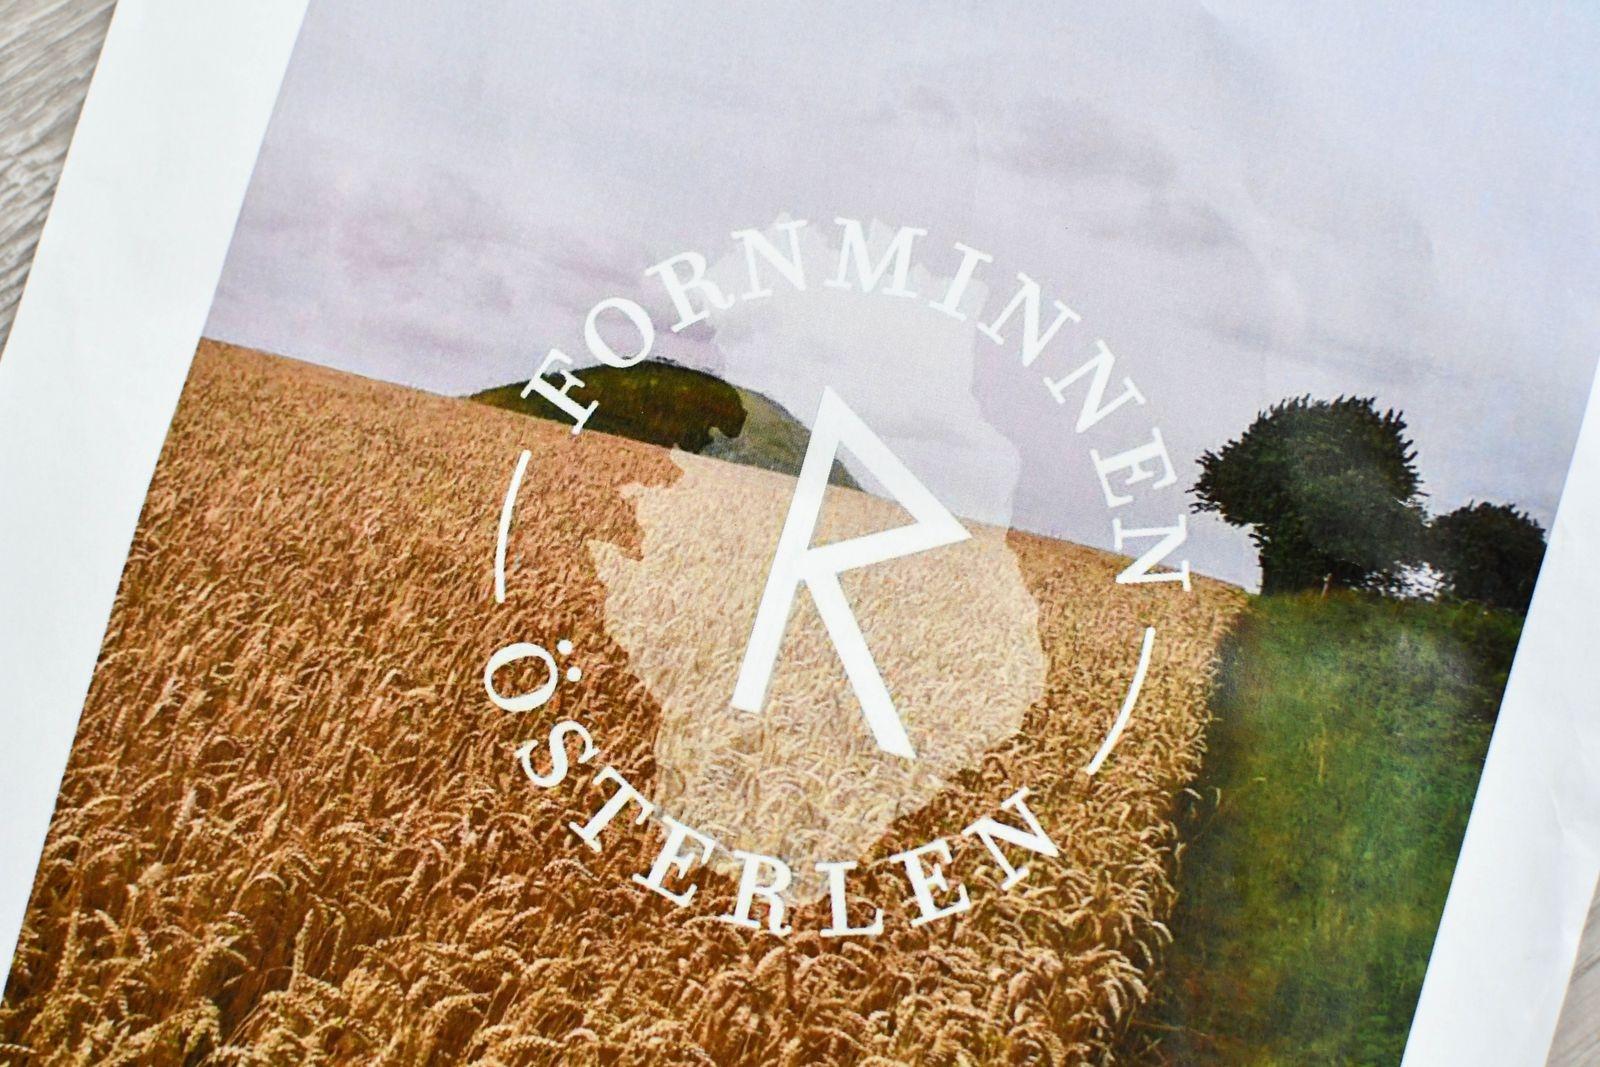 Appen har finansierats med hjälp av bidrag från Jordbruksverket, Gustaf VI Adolfs fond, Region Skånes miljövårdsfond samt Länsstyrelsen.